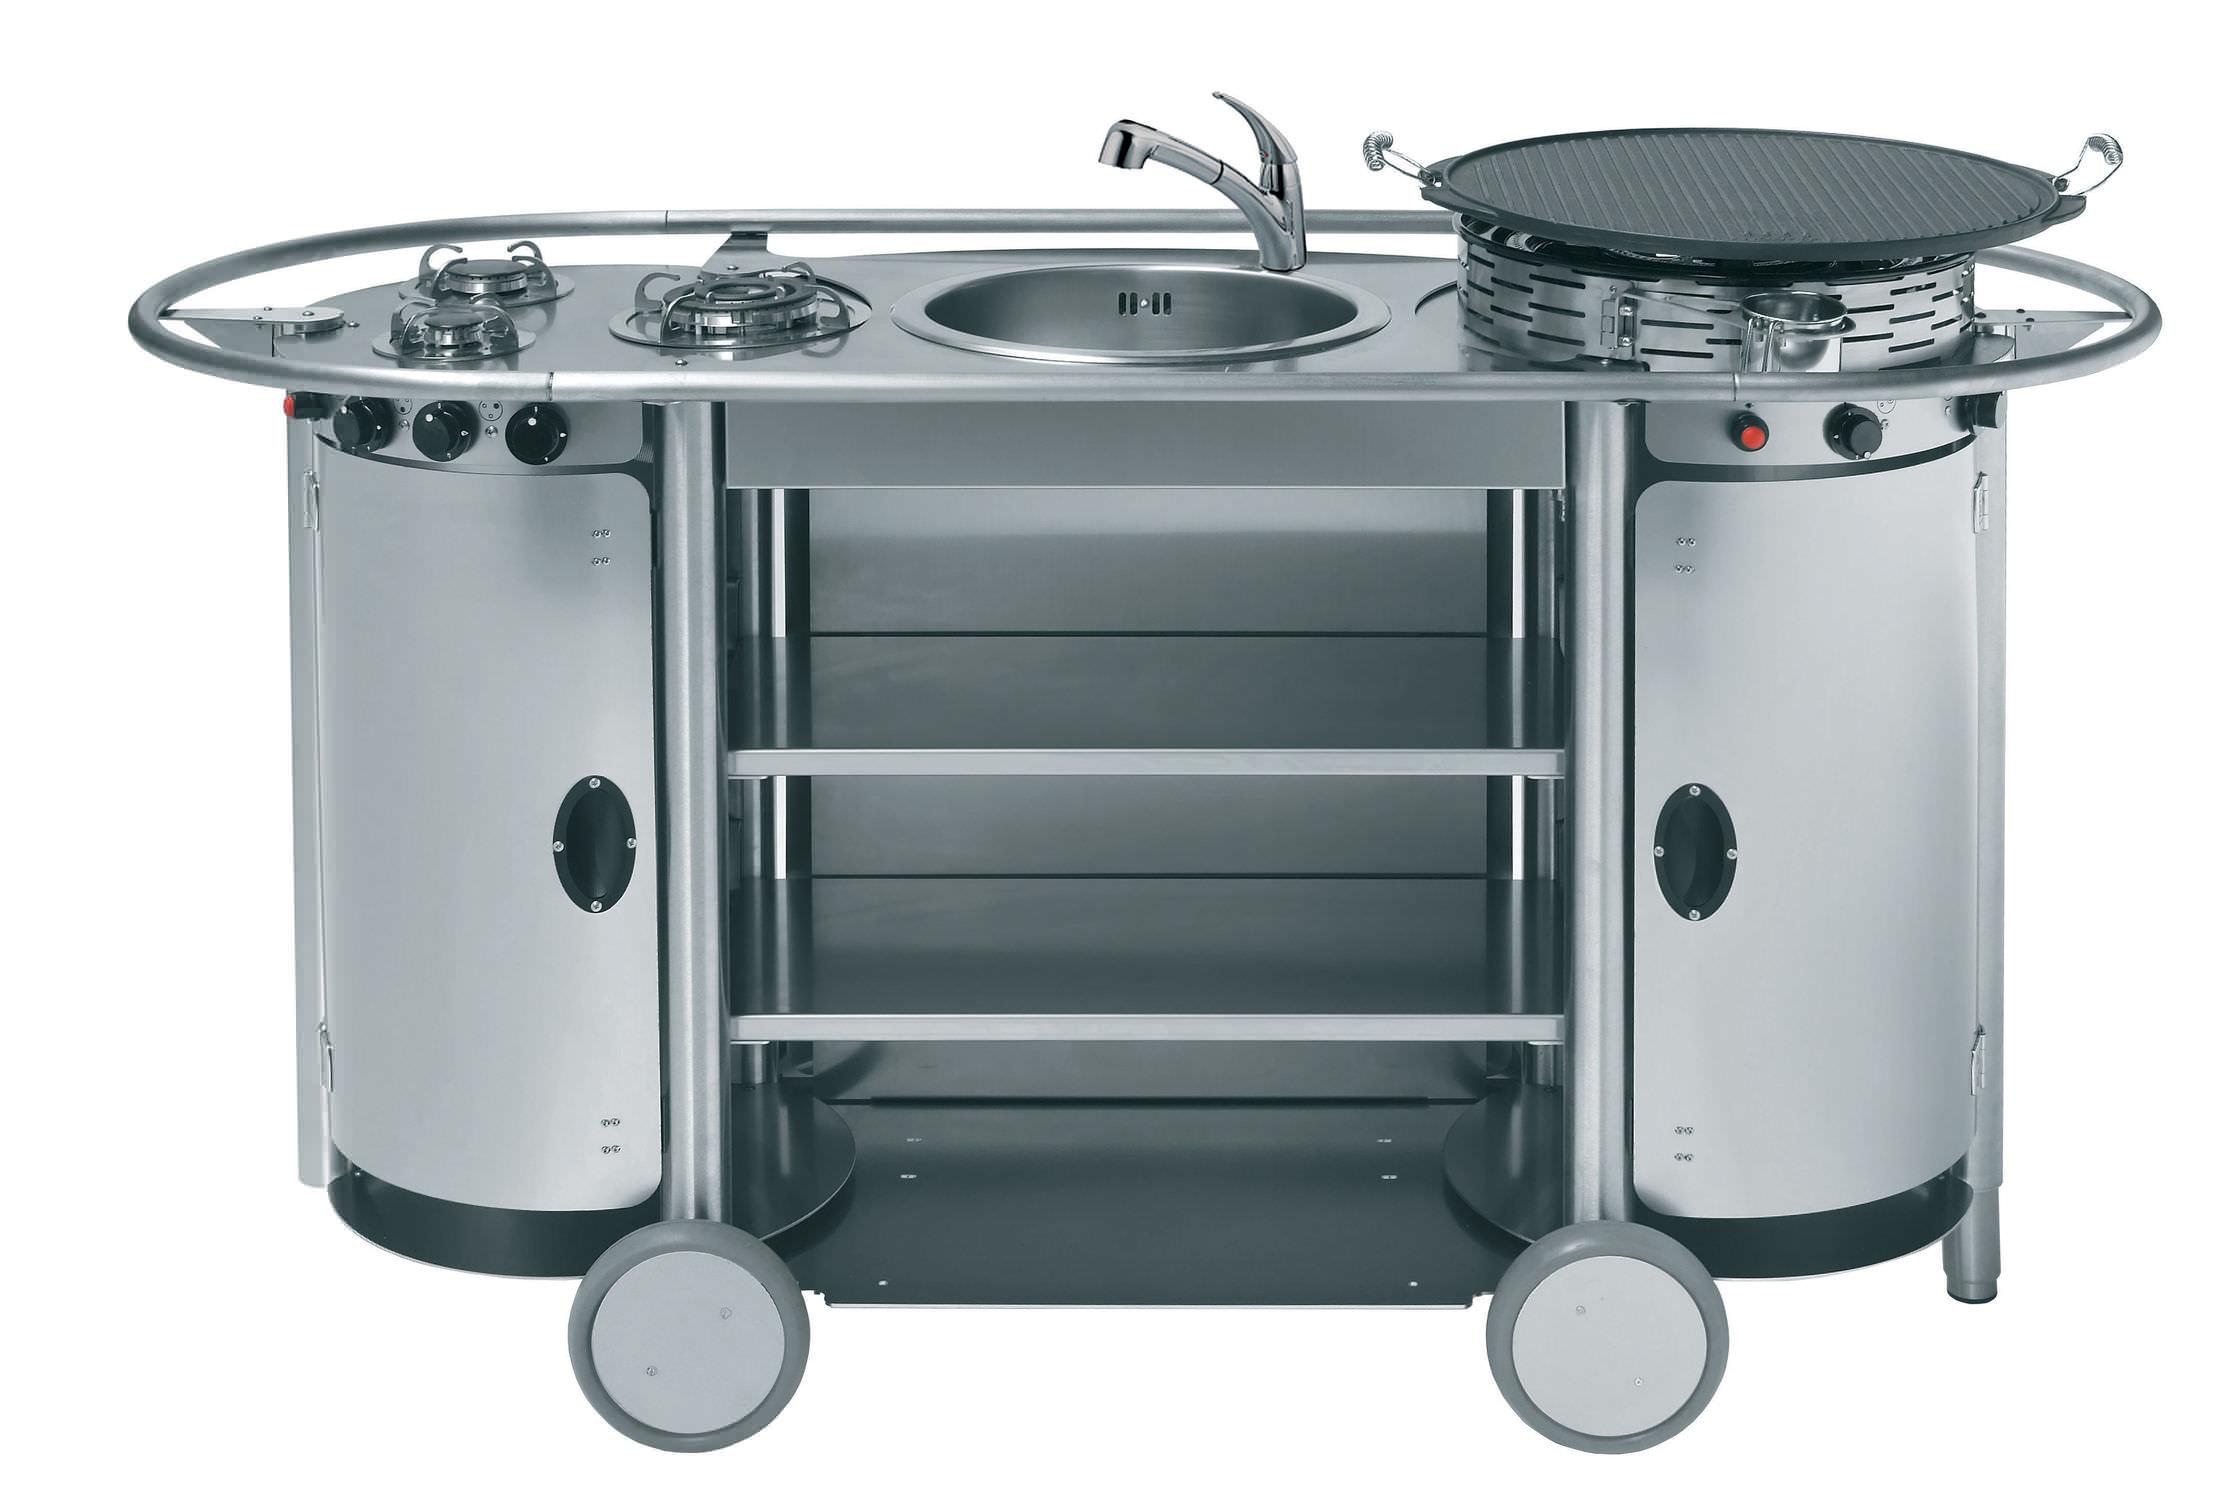 Cucina in acciaio inox / mobile / da esterno - BONGOS : TUS BG 003 ...